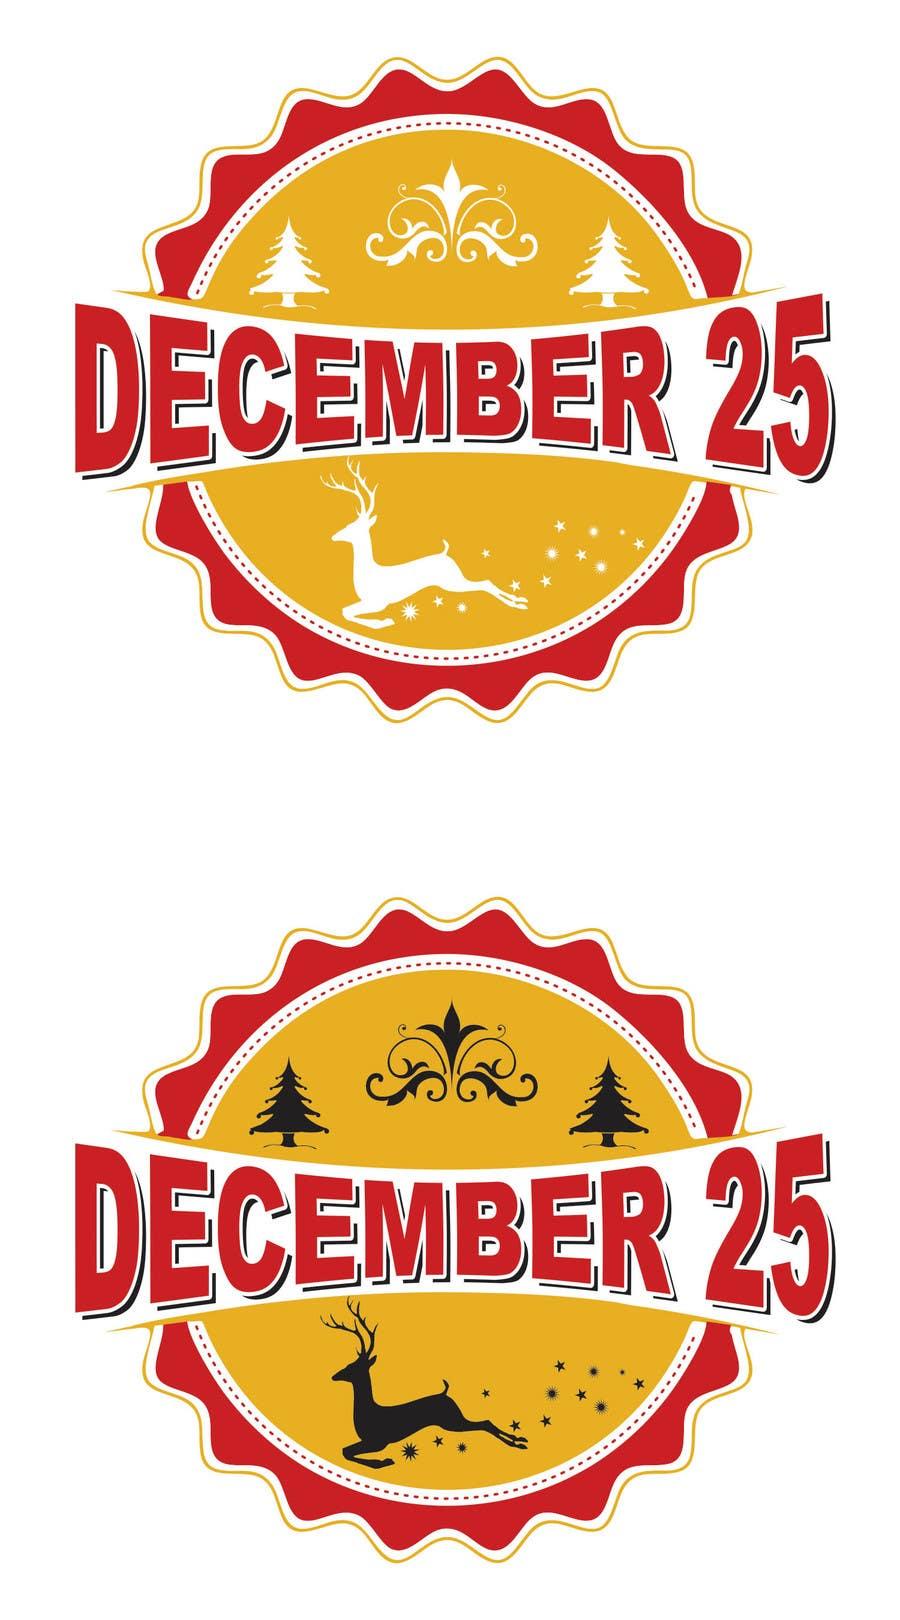 Penyertaan Peraduan #32 untuk Design a Logo for December 25